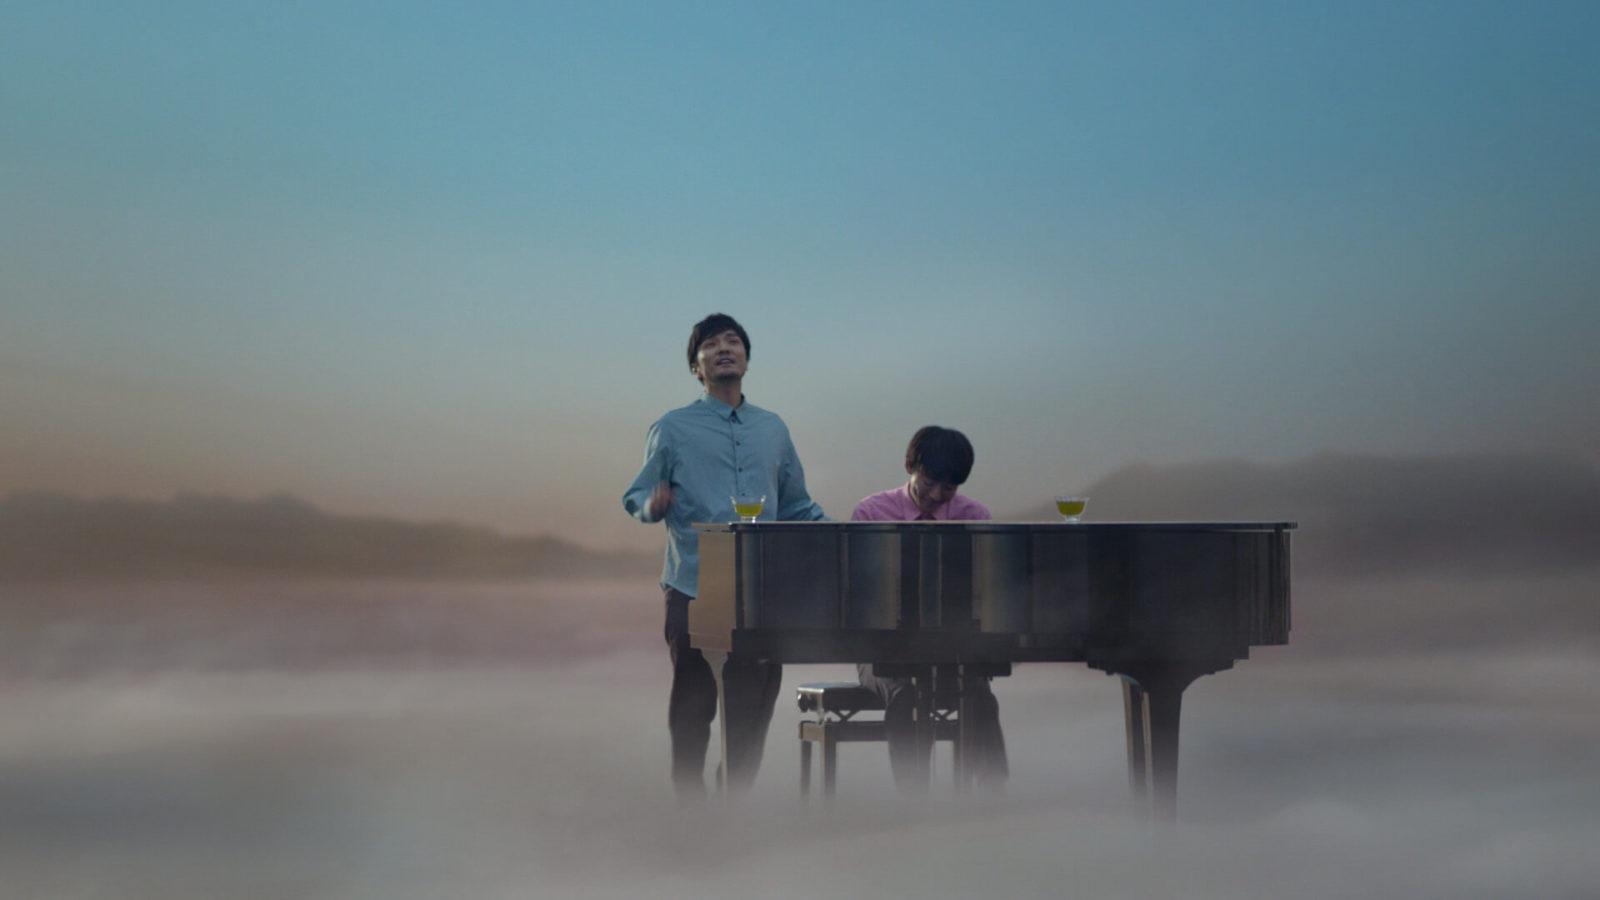 高橋一生、森山直太朗とのCM共演で見せたピアノ演奏姿にファン悶絶「素敵すぎ」